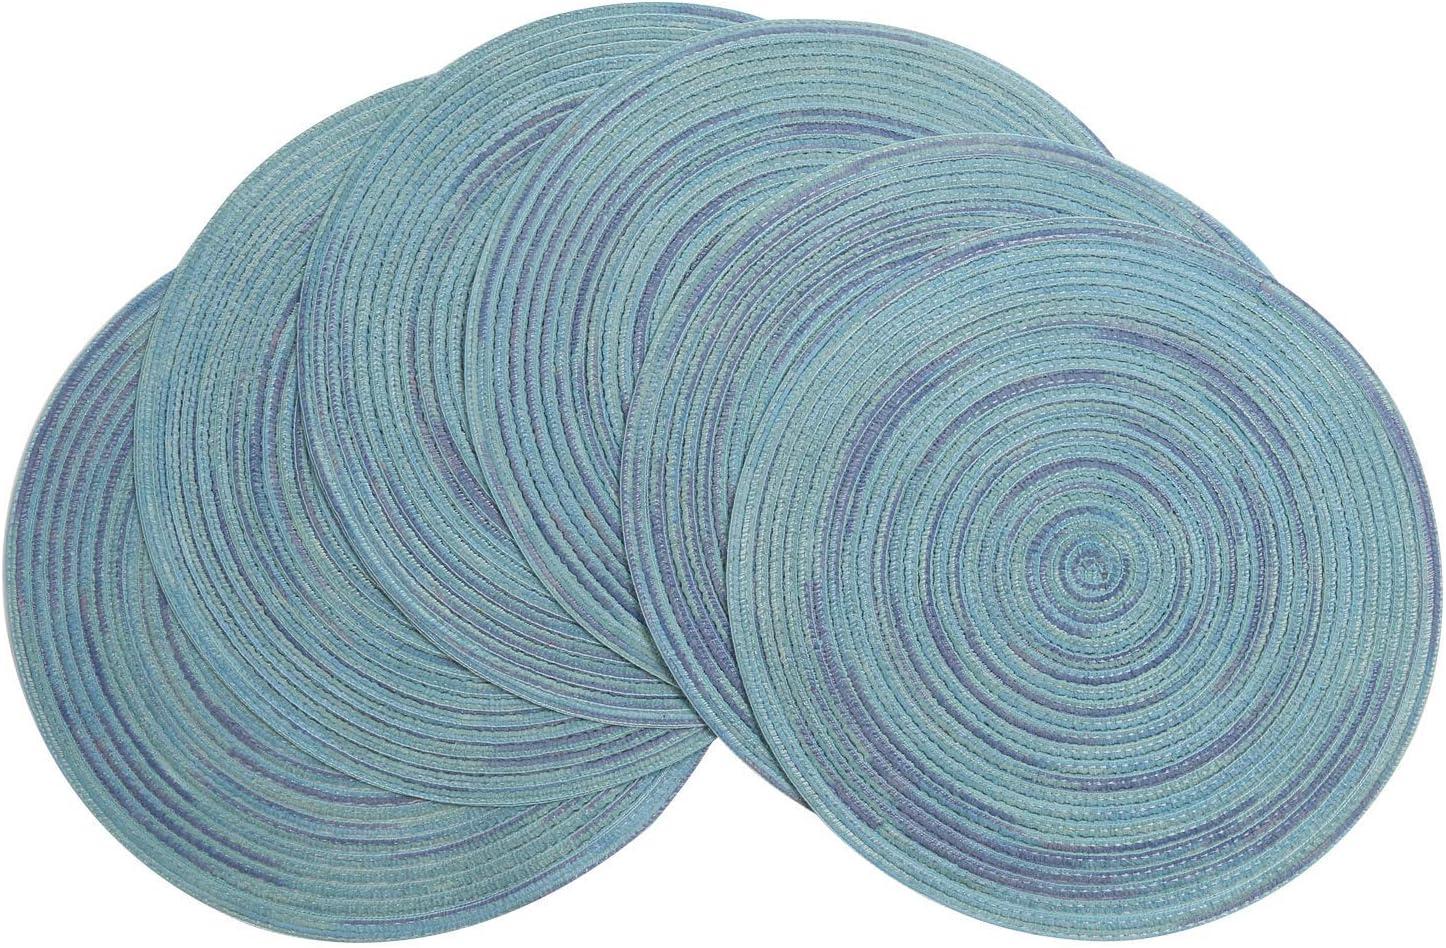 Pauwer Baumwolle 38cm//15inch Runde Platzsets Set von 6 Abwaschbar Hitzebest/ändig Gewebte Tischsets rutschfest Platzdeckchen f/ür K/üche Speisetisch,Blau